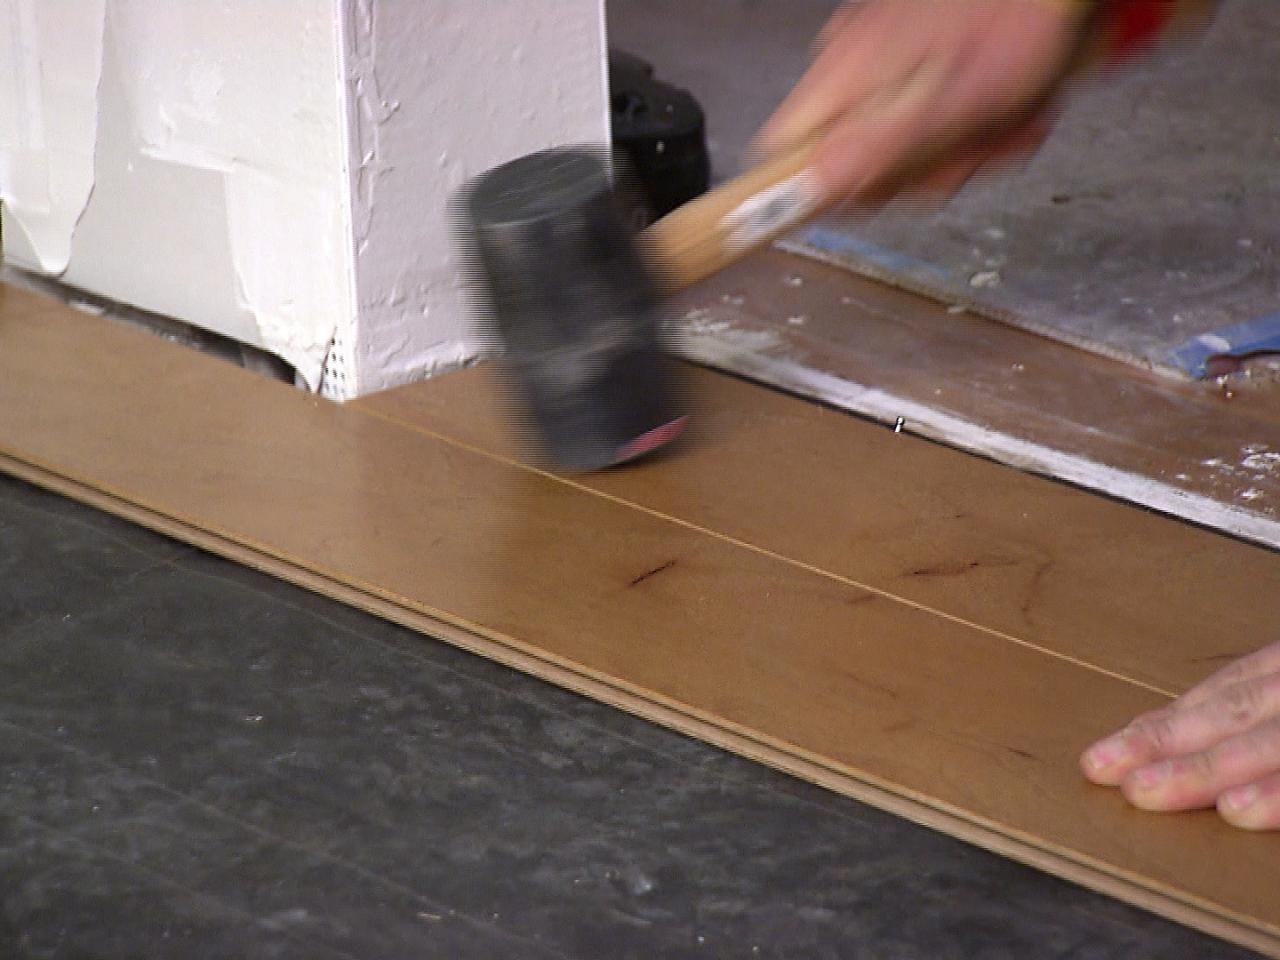 best hardwood floor stain colors of 15 unique hardwood floor stain colors photos dizpos com regarding hardwood floor stain colors best of how to install an engineered hardwood floor how tos image